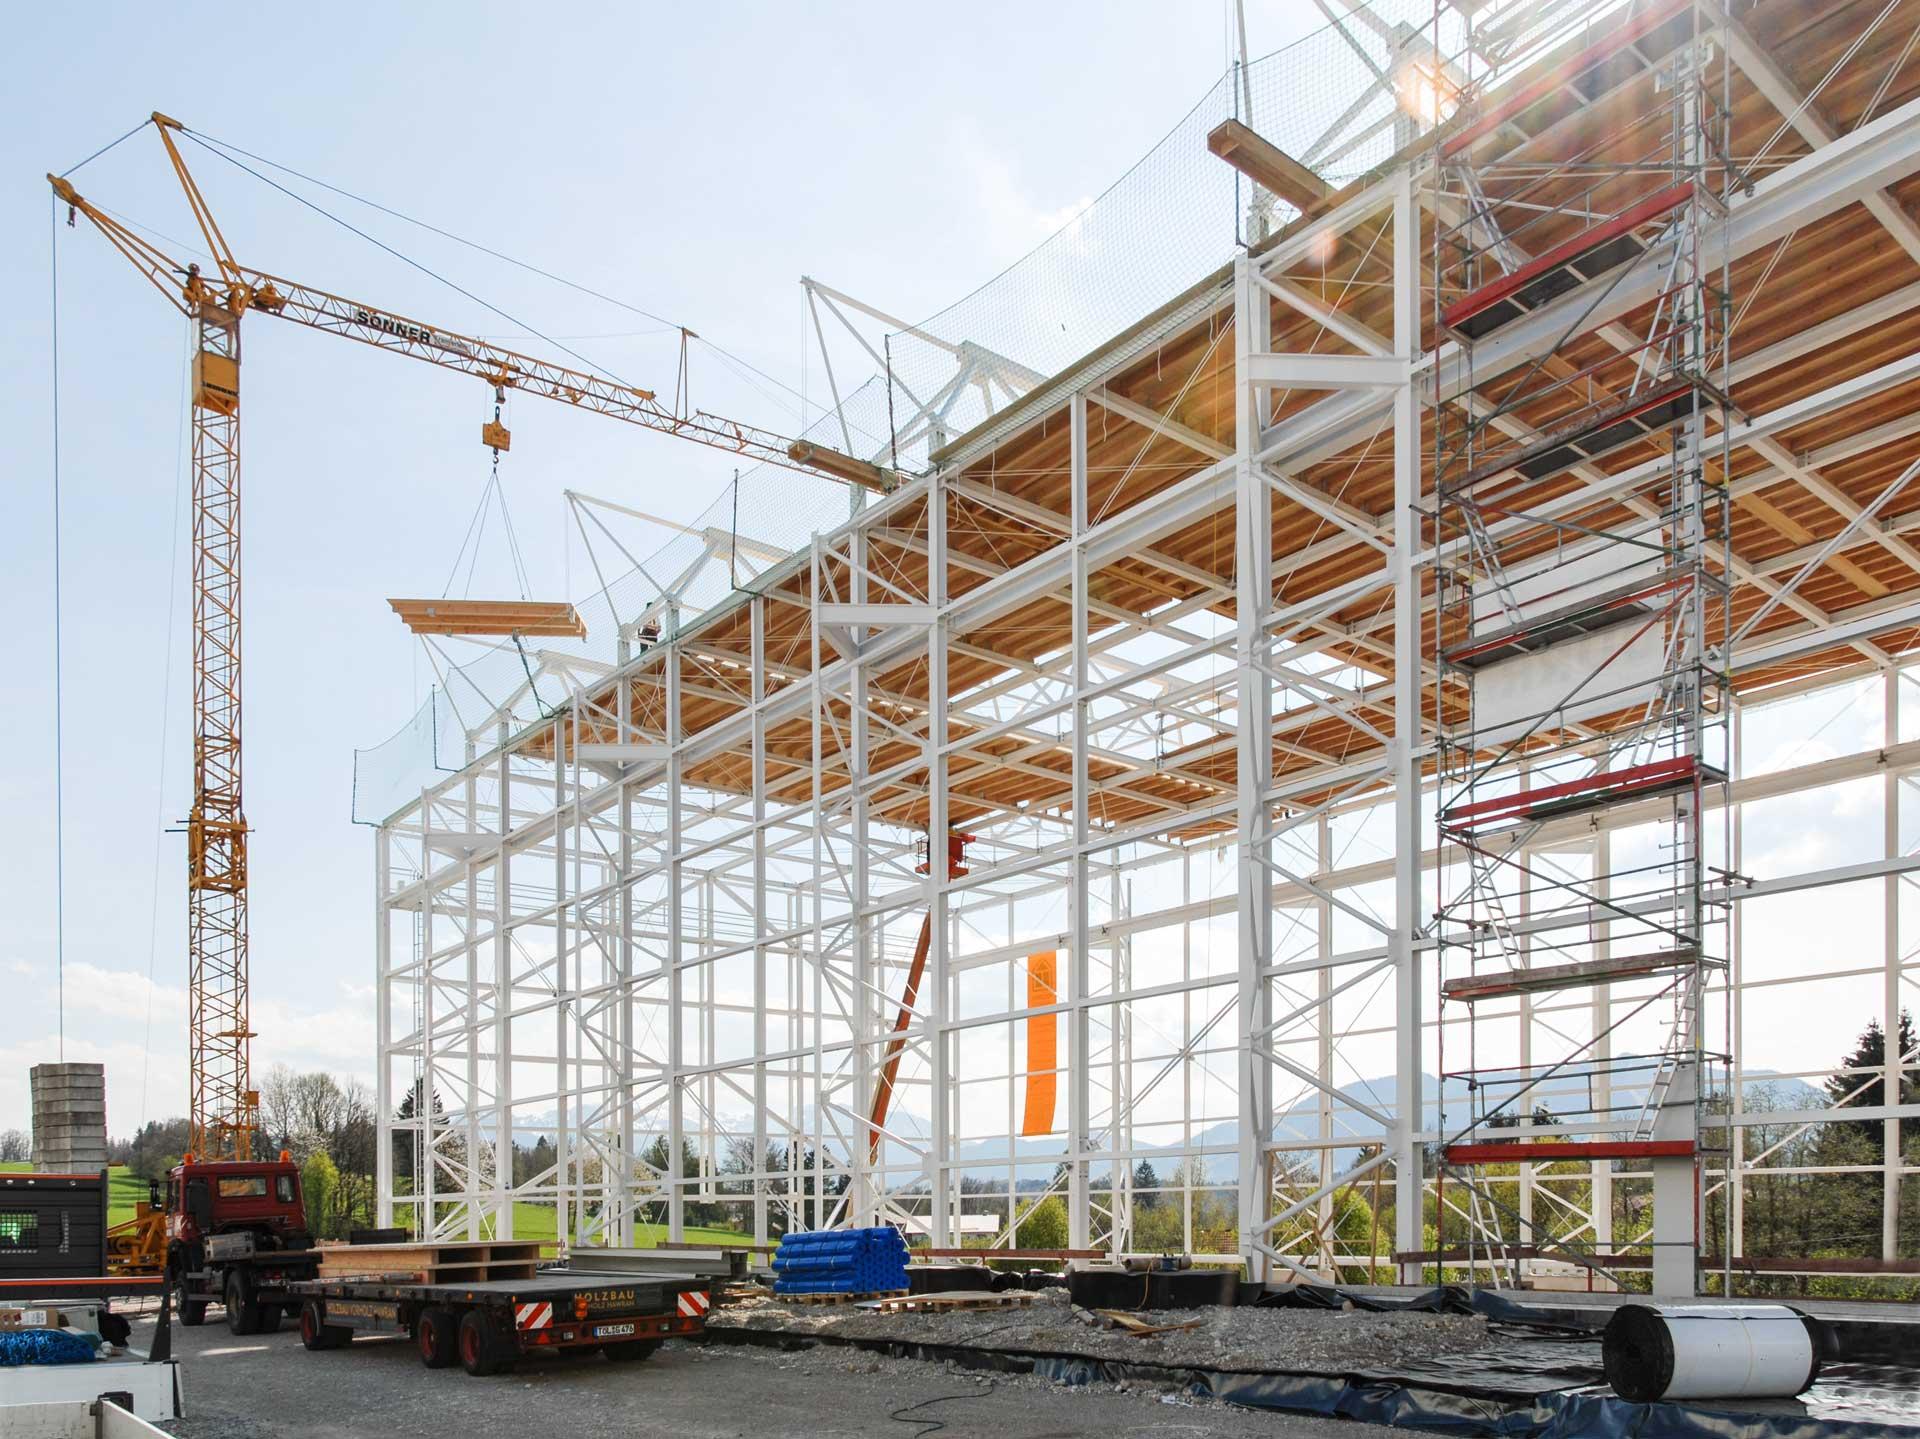 Bauprozess Bergwachthalle Bad Toelz